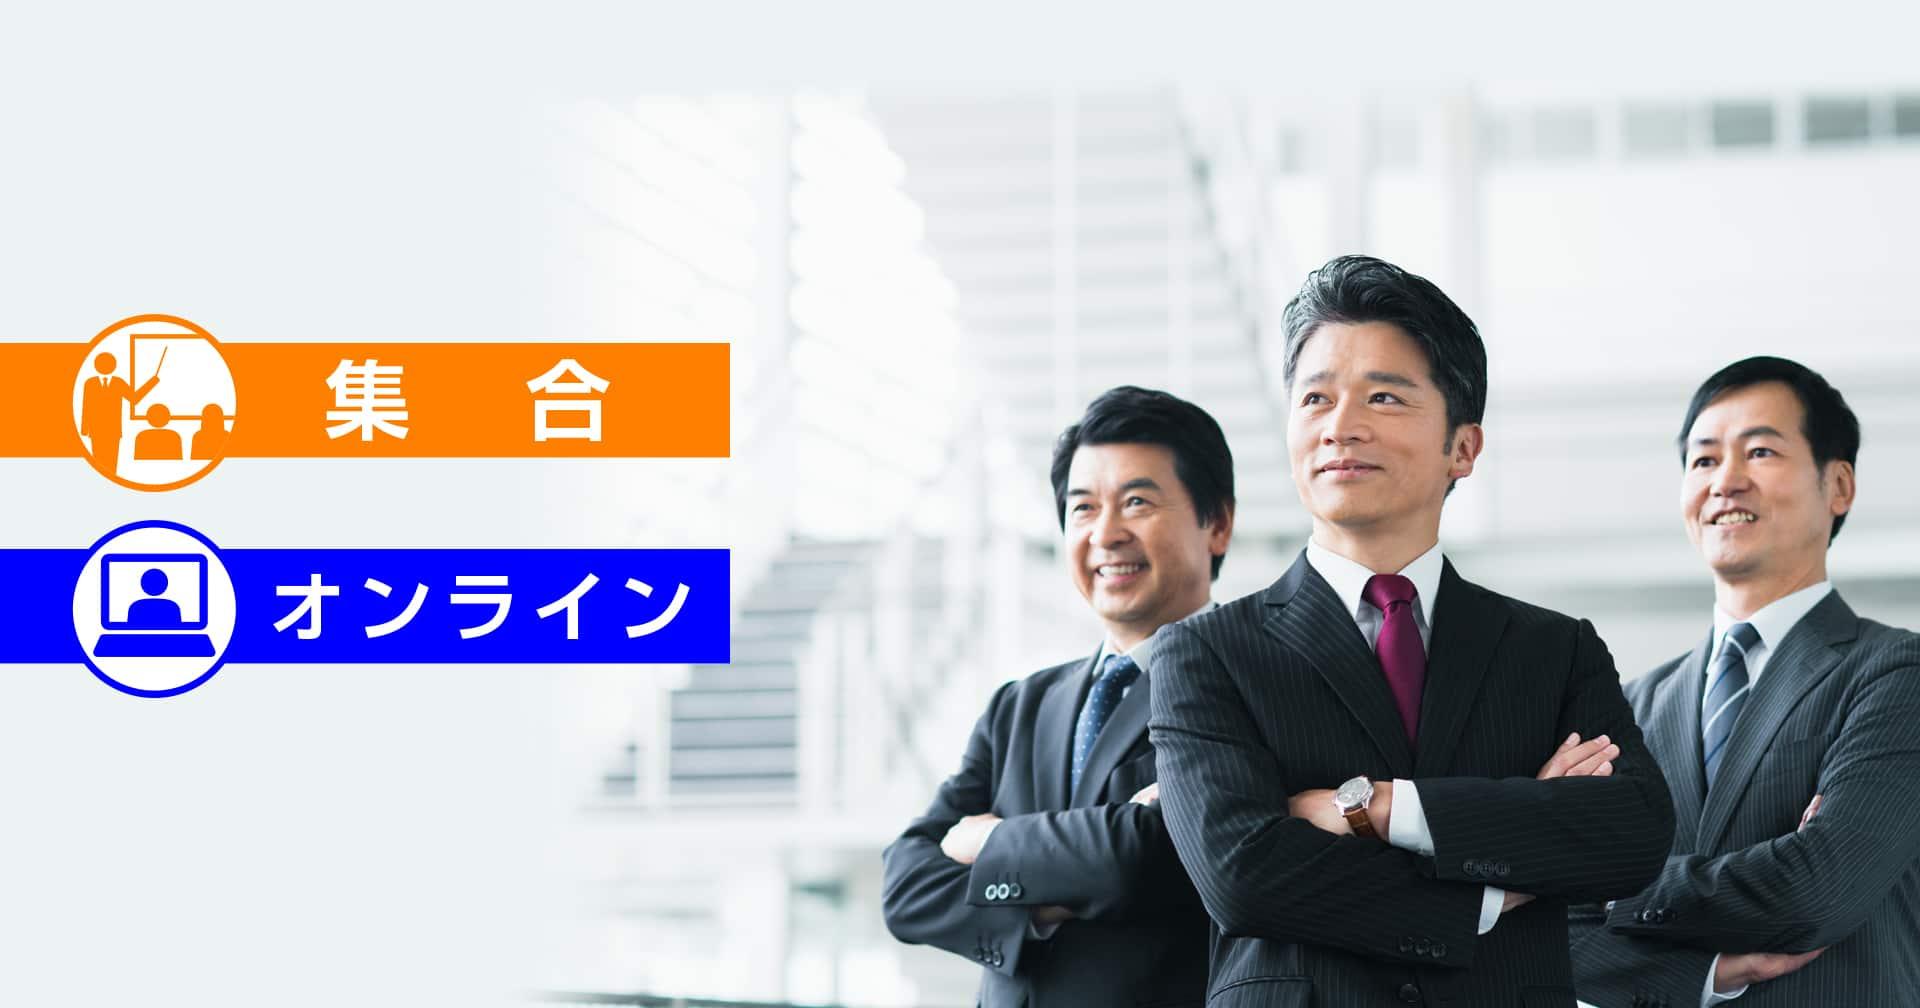 【集合研修】部長研修 部長力強化コース(2日)